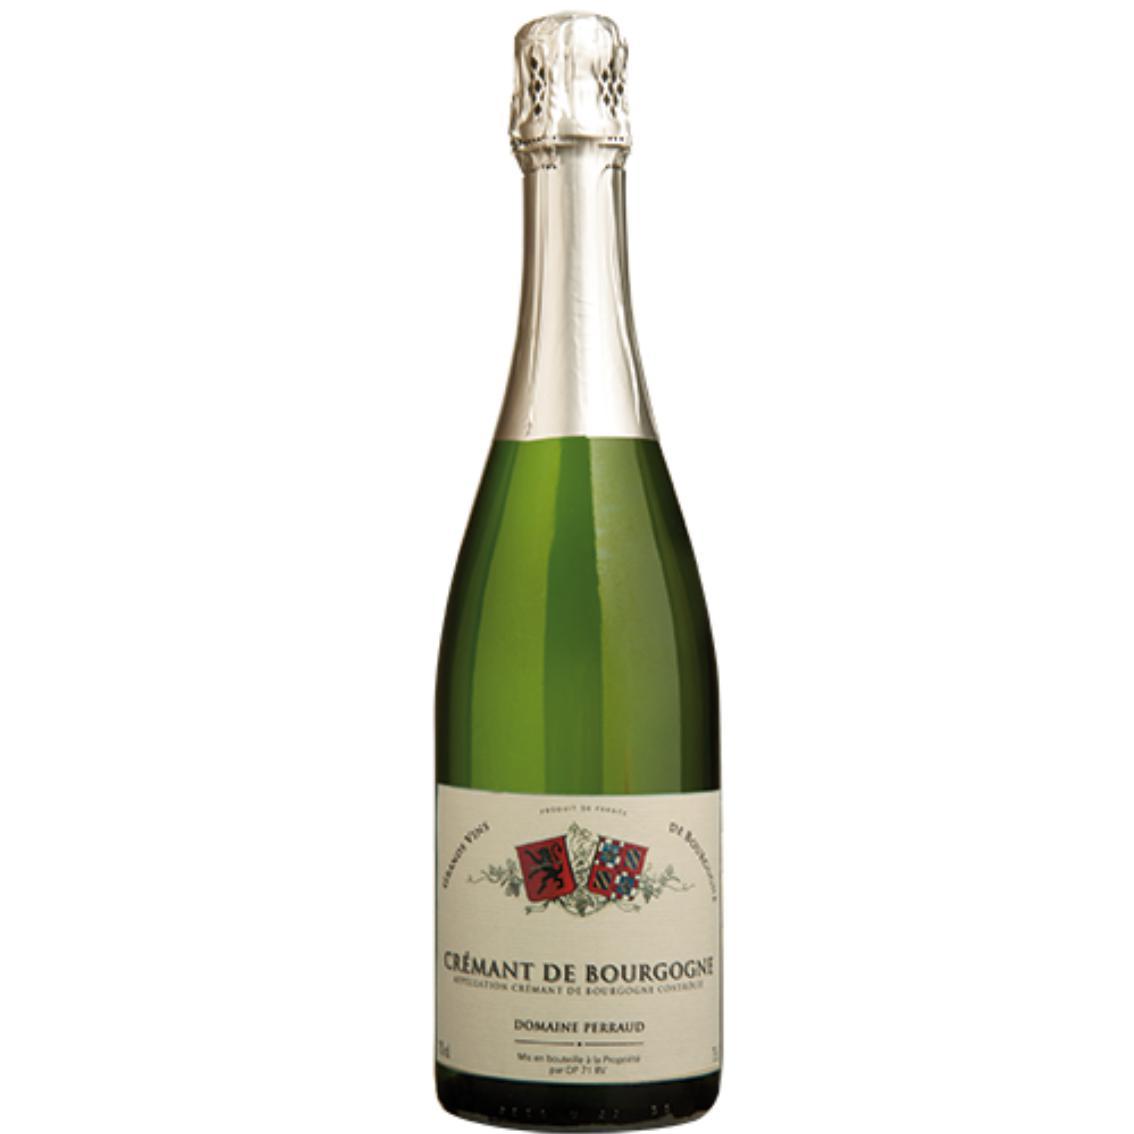 Crémant De Bourgogne - Domaine Perraud